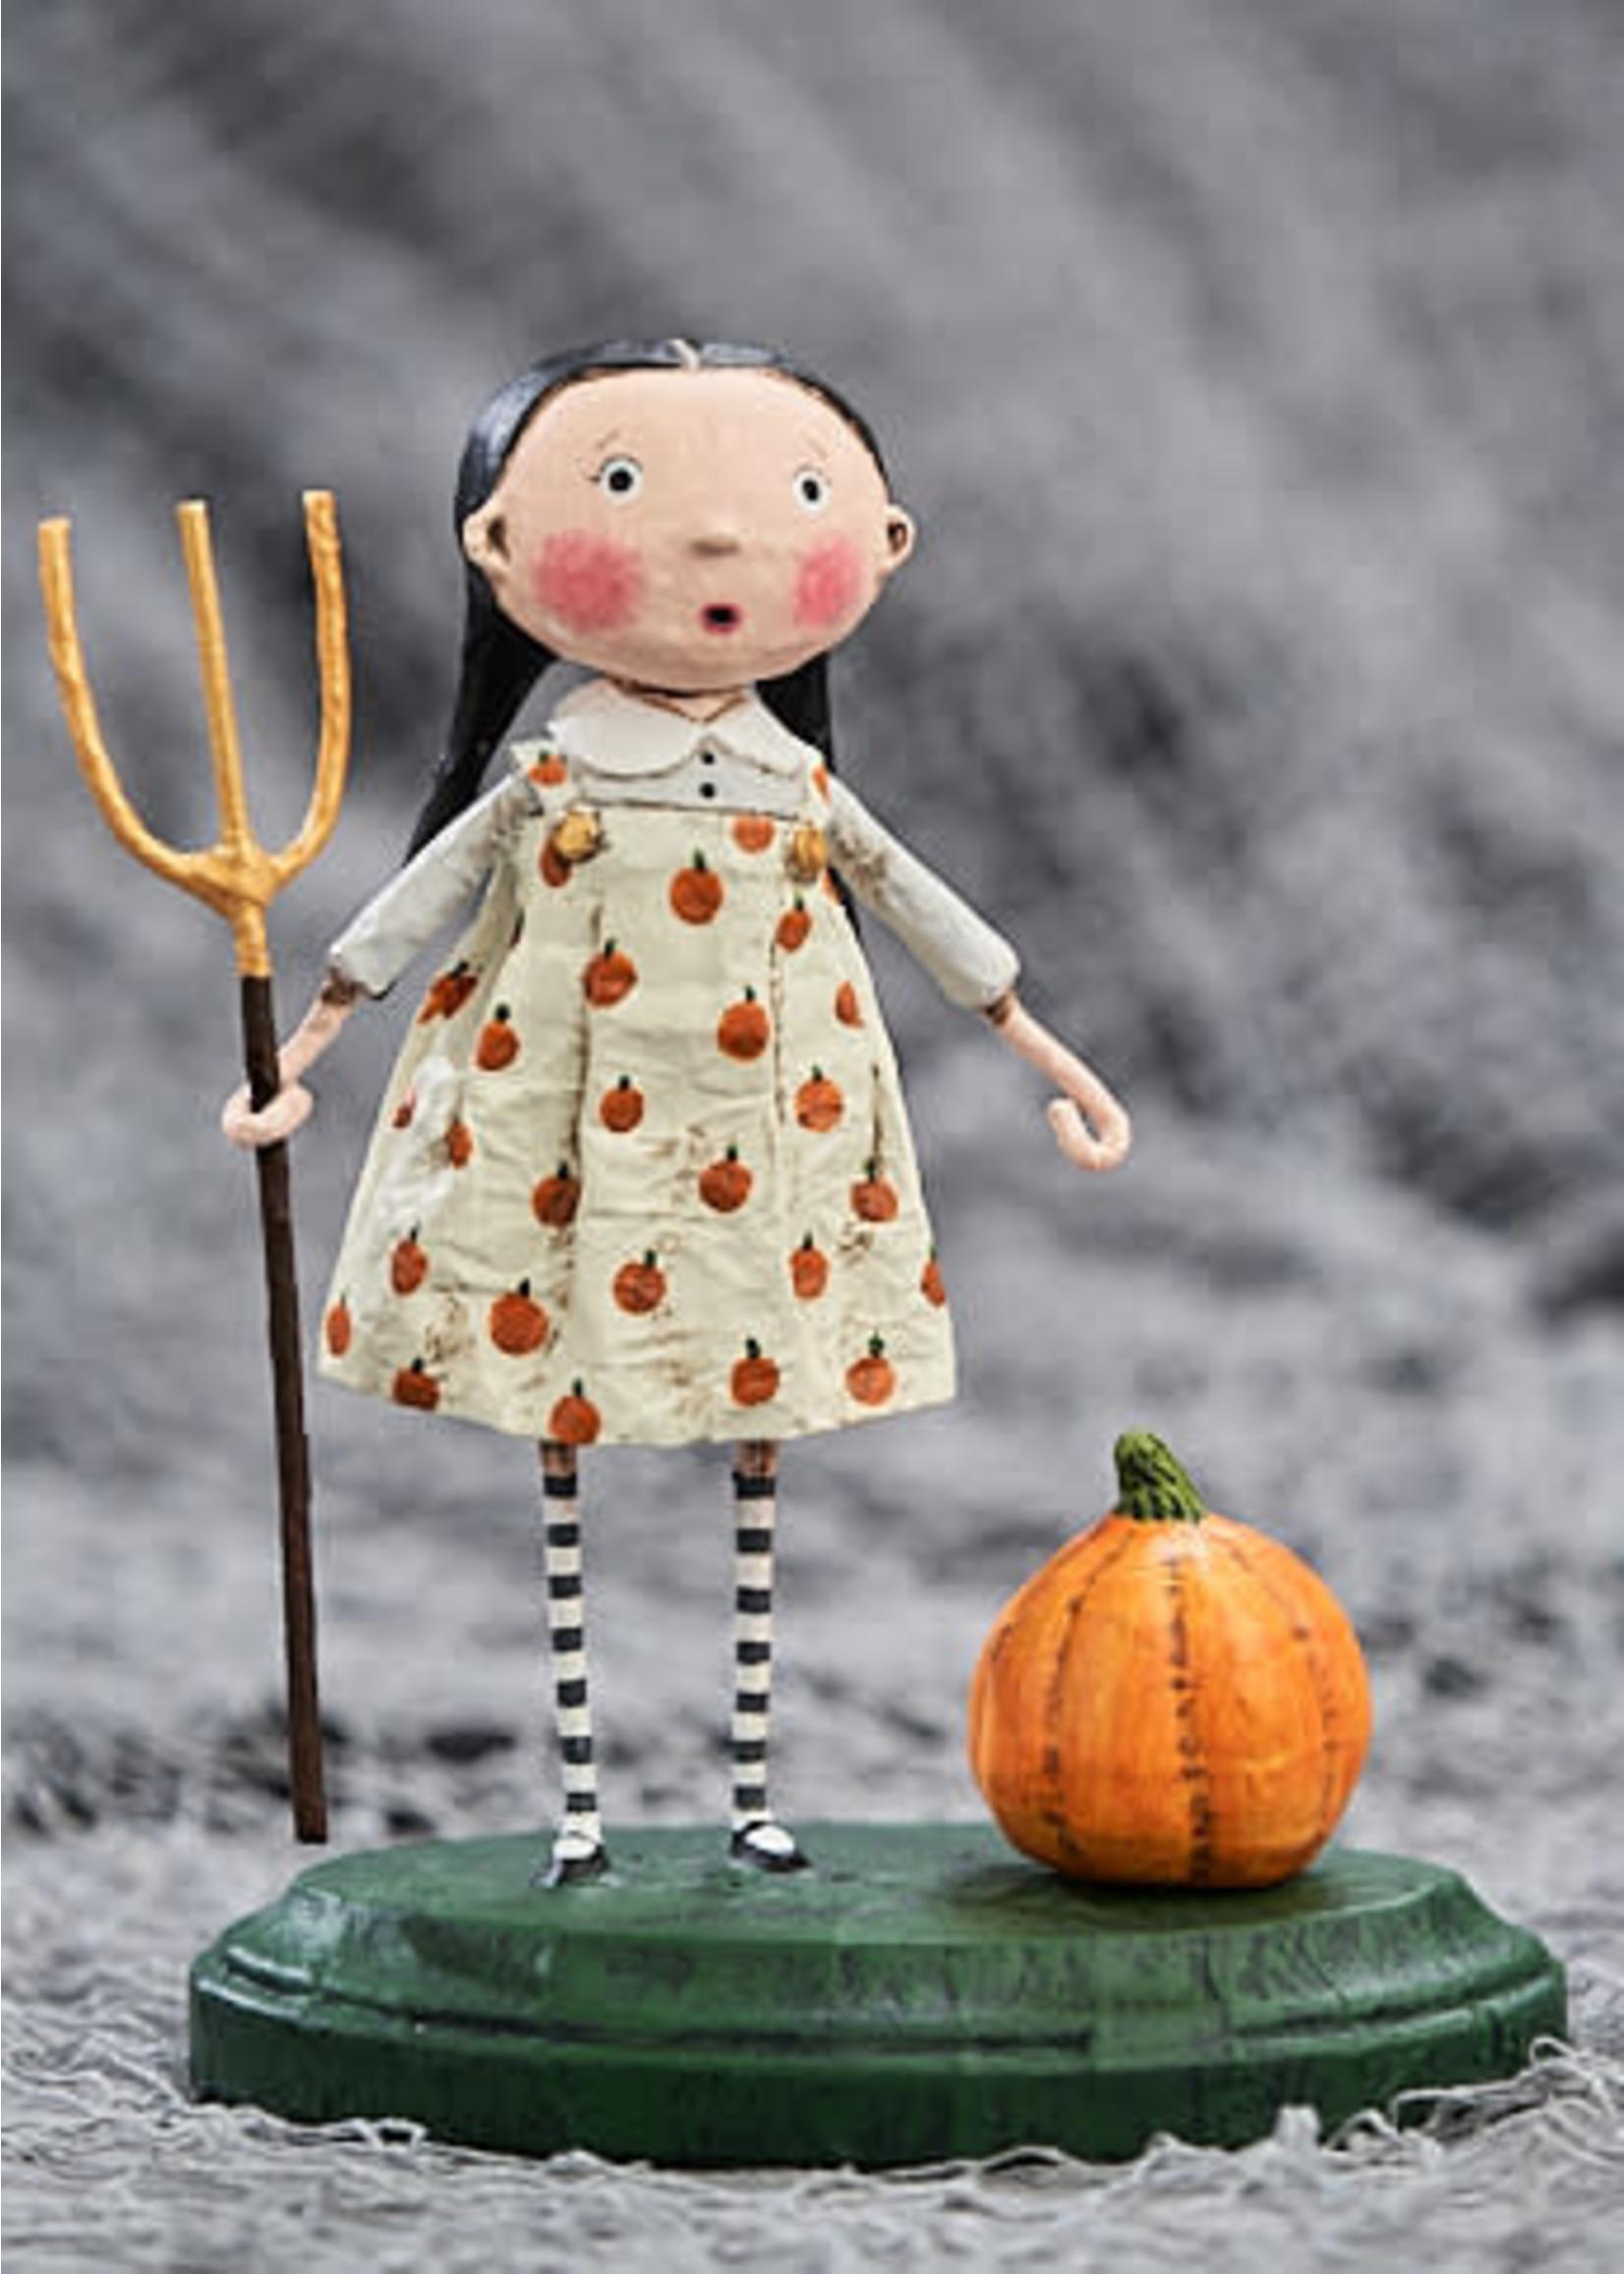 Lori Mitchell Pru the Pumpkin Farmer